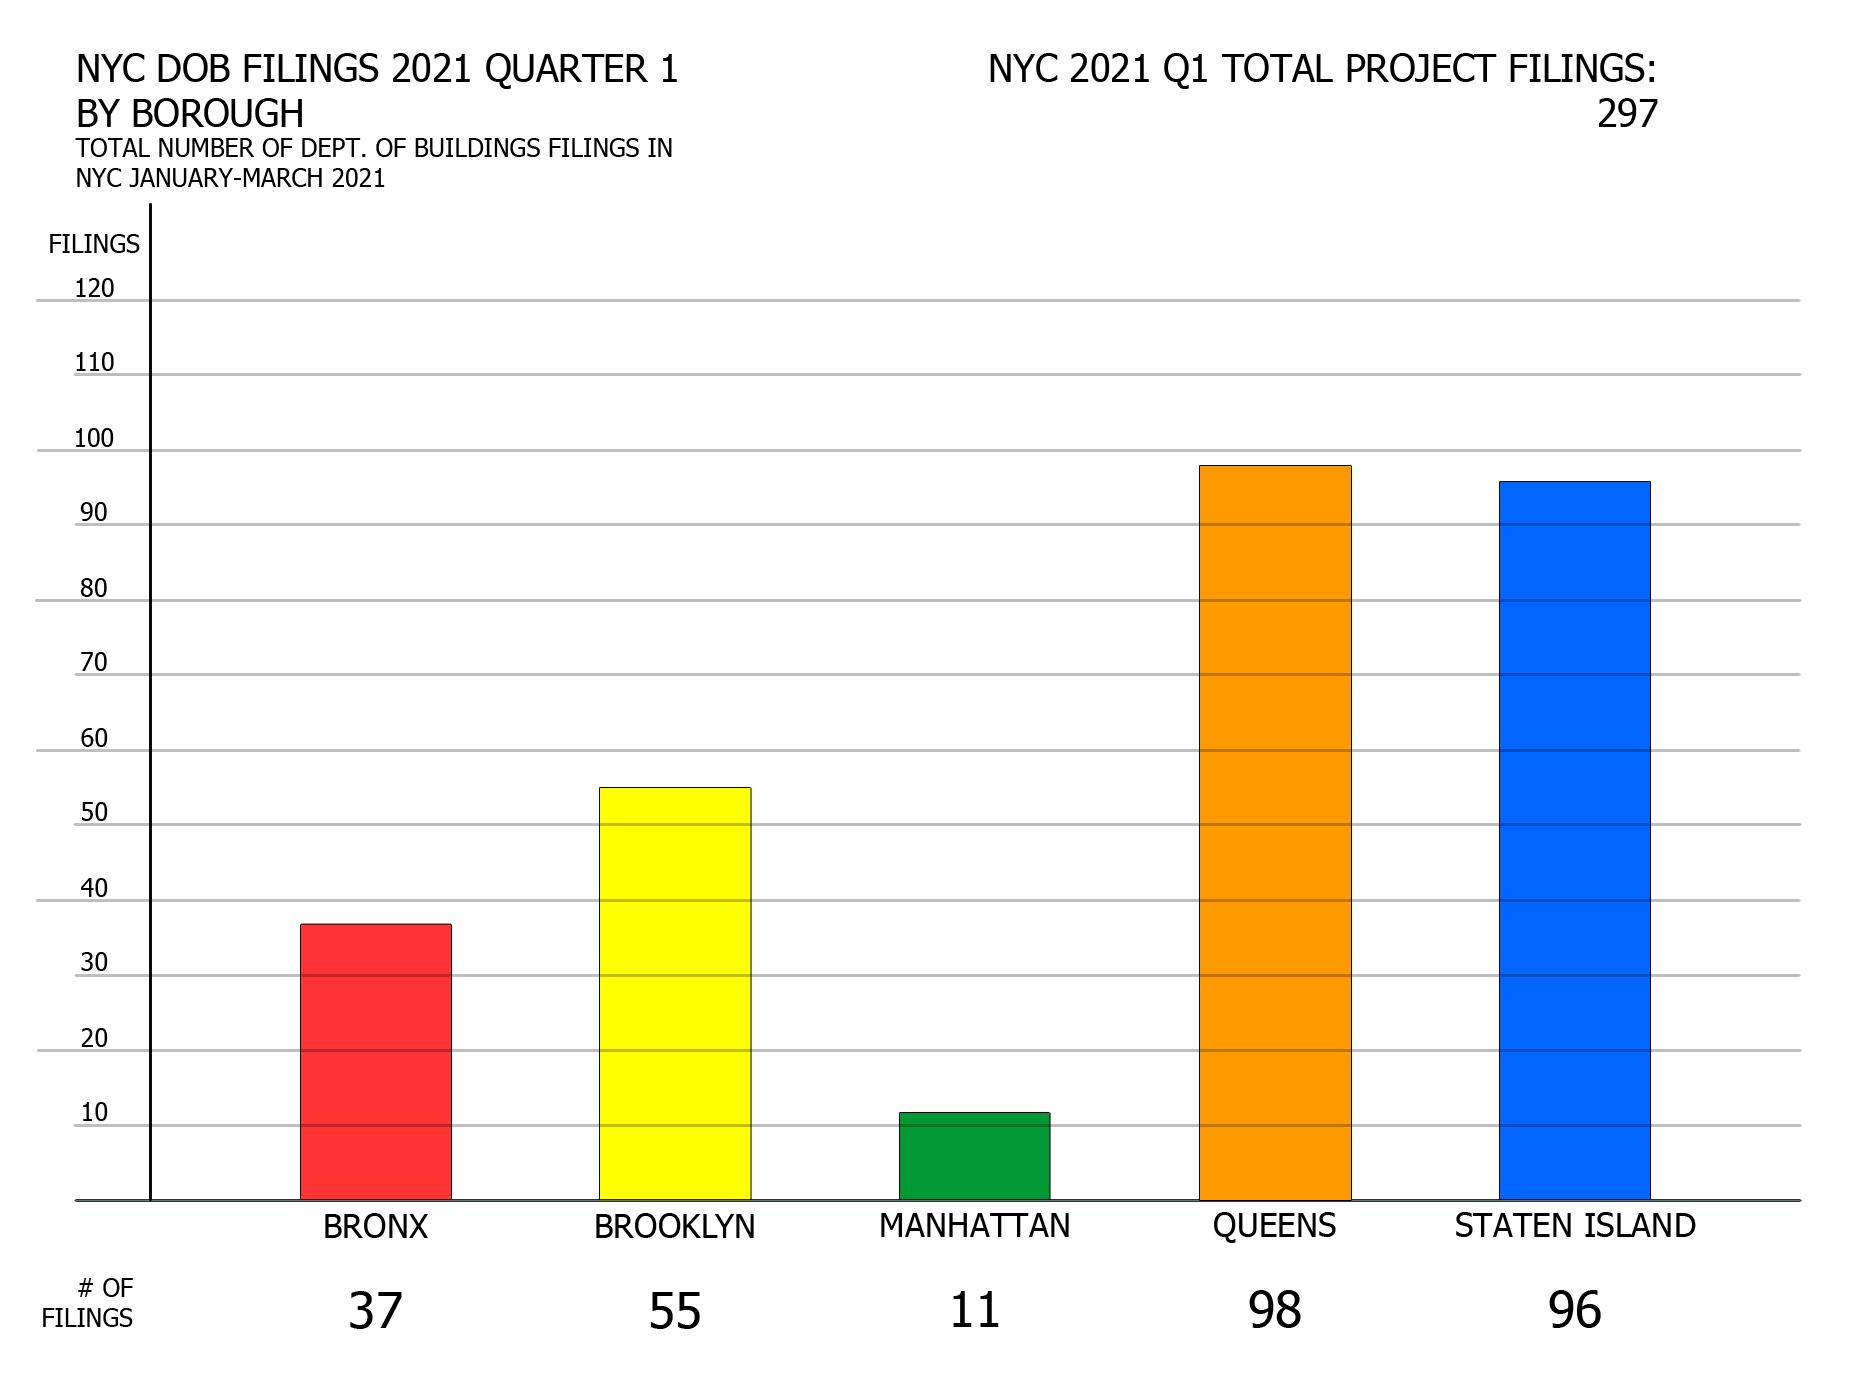 NYC DOB filings in first quarter of 2021 by borough. Credit: Vitali Ogorodnikov